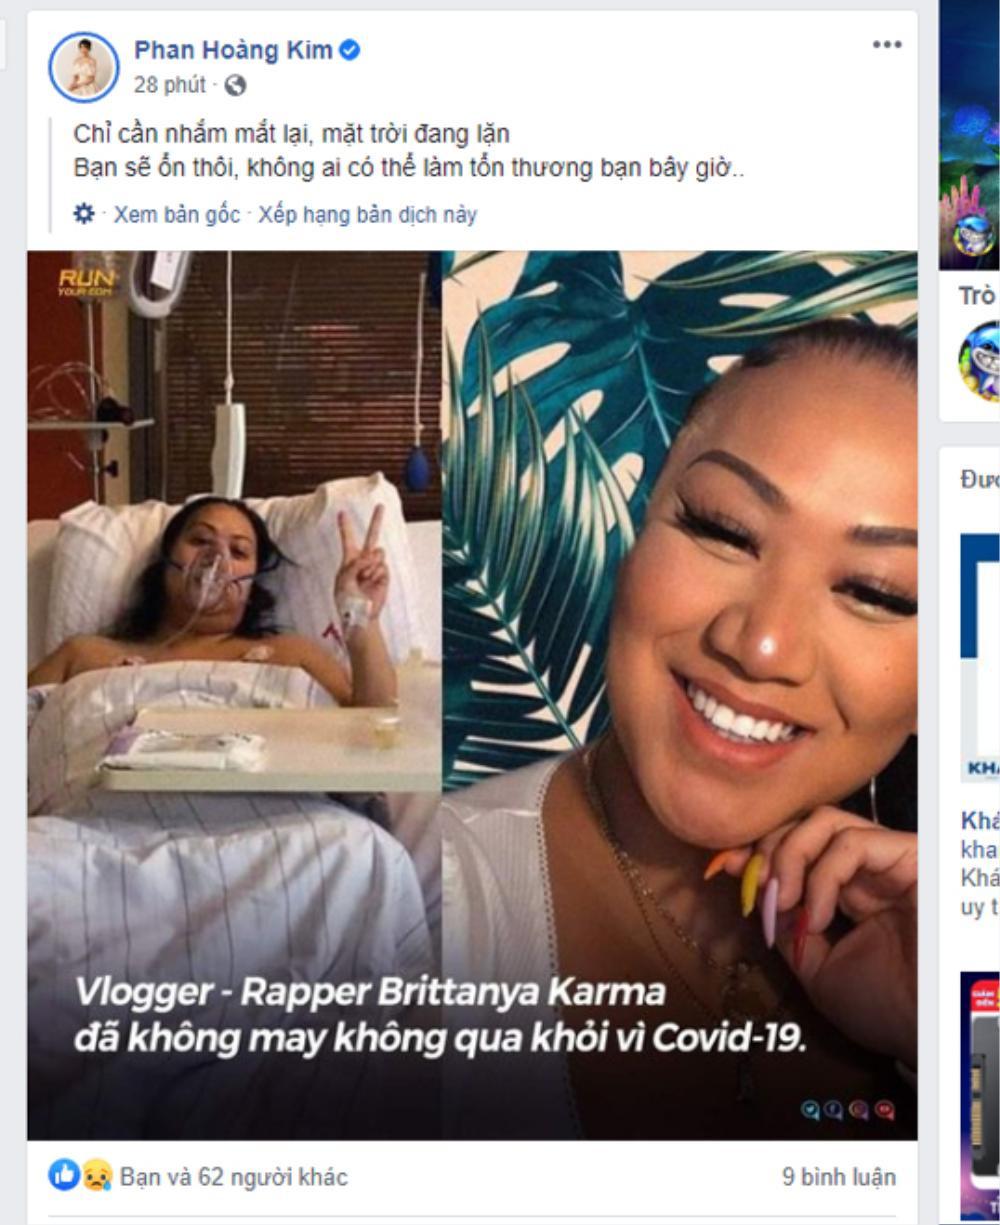 Dân mạng sốc và đau xót trước tin hot YouTuber Brittanya Karma qua đời vì COVID-19 Ảnh 5